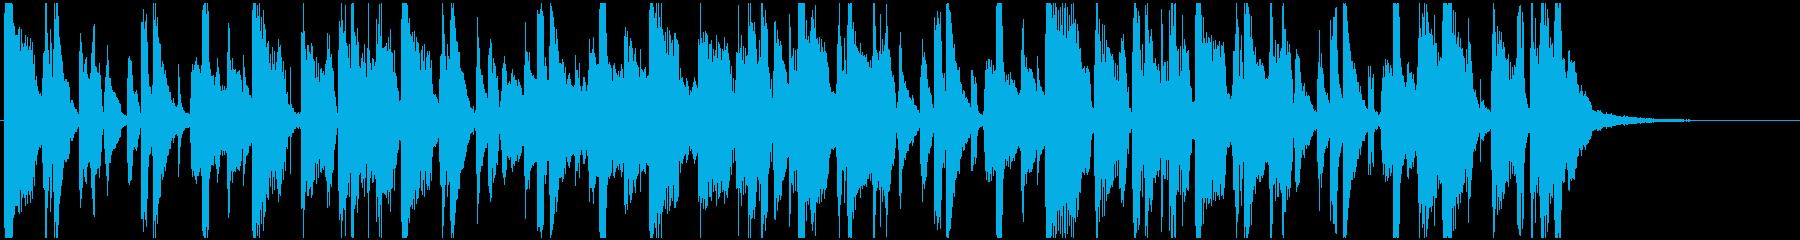 カッティングギター ファンキージングル の再生済みの波形